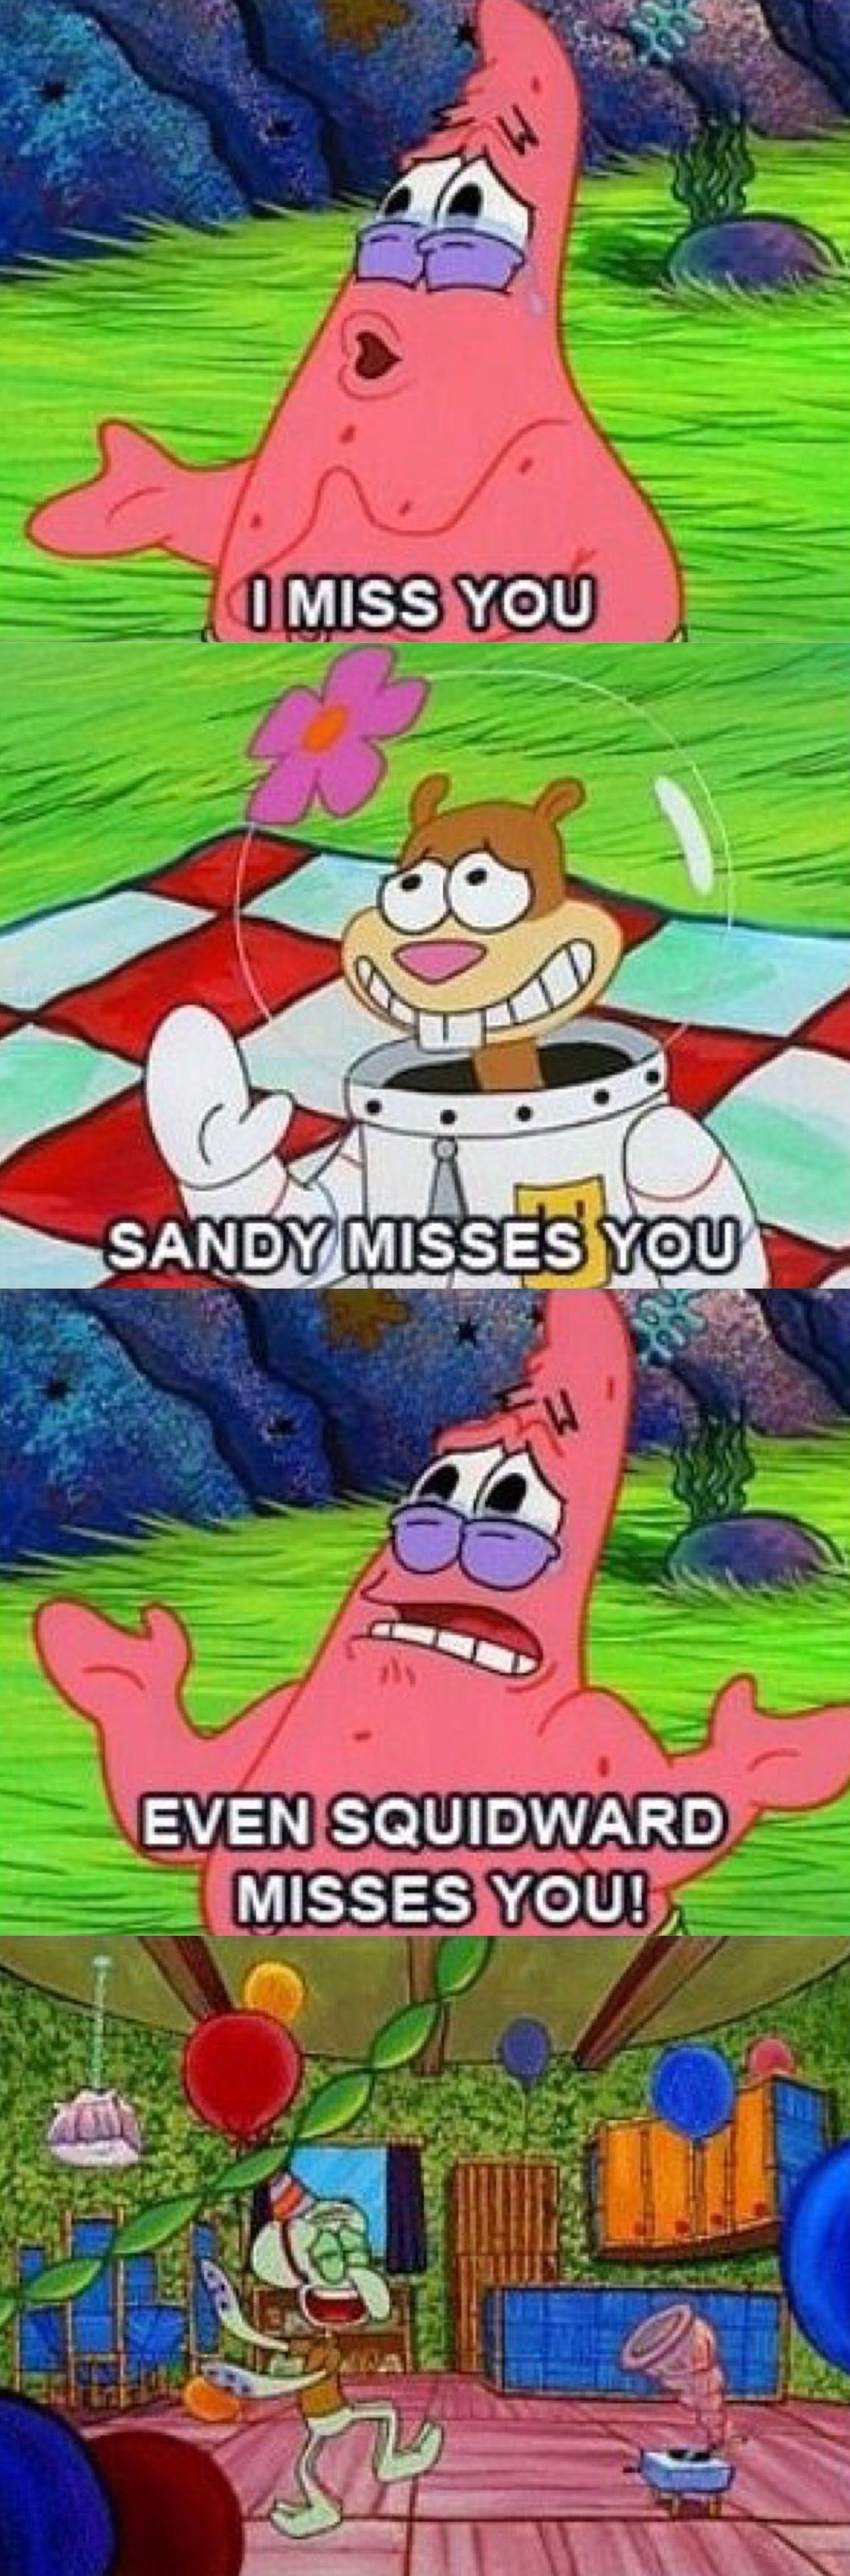 Come back spongebob